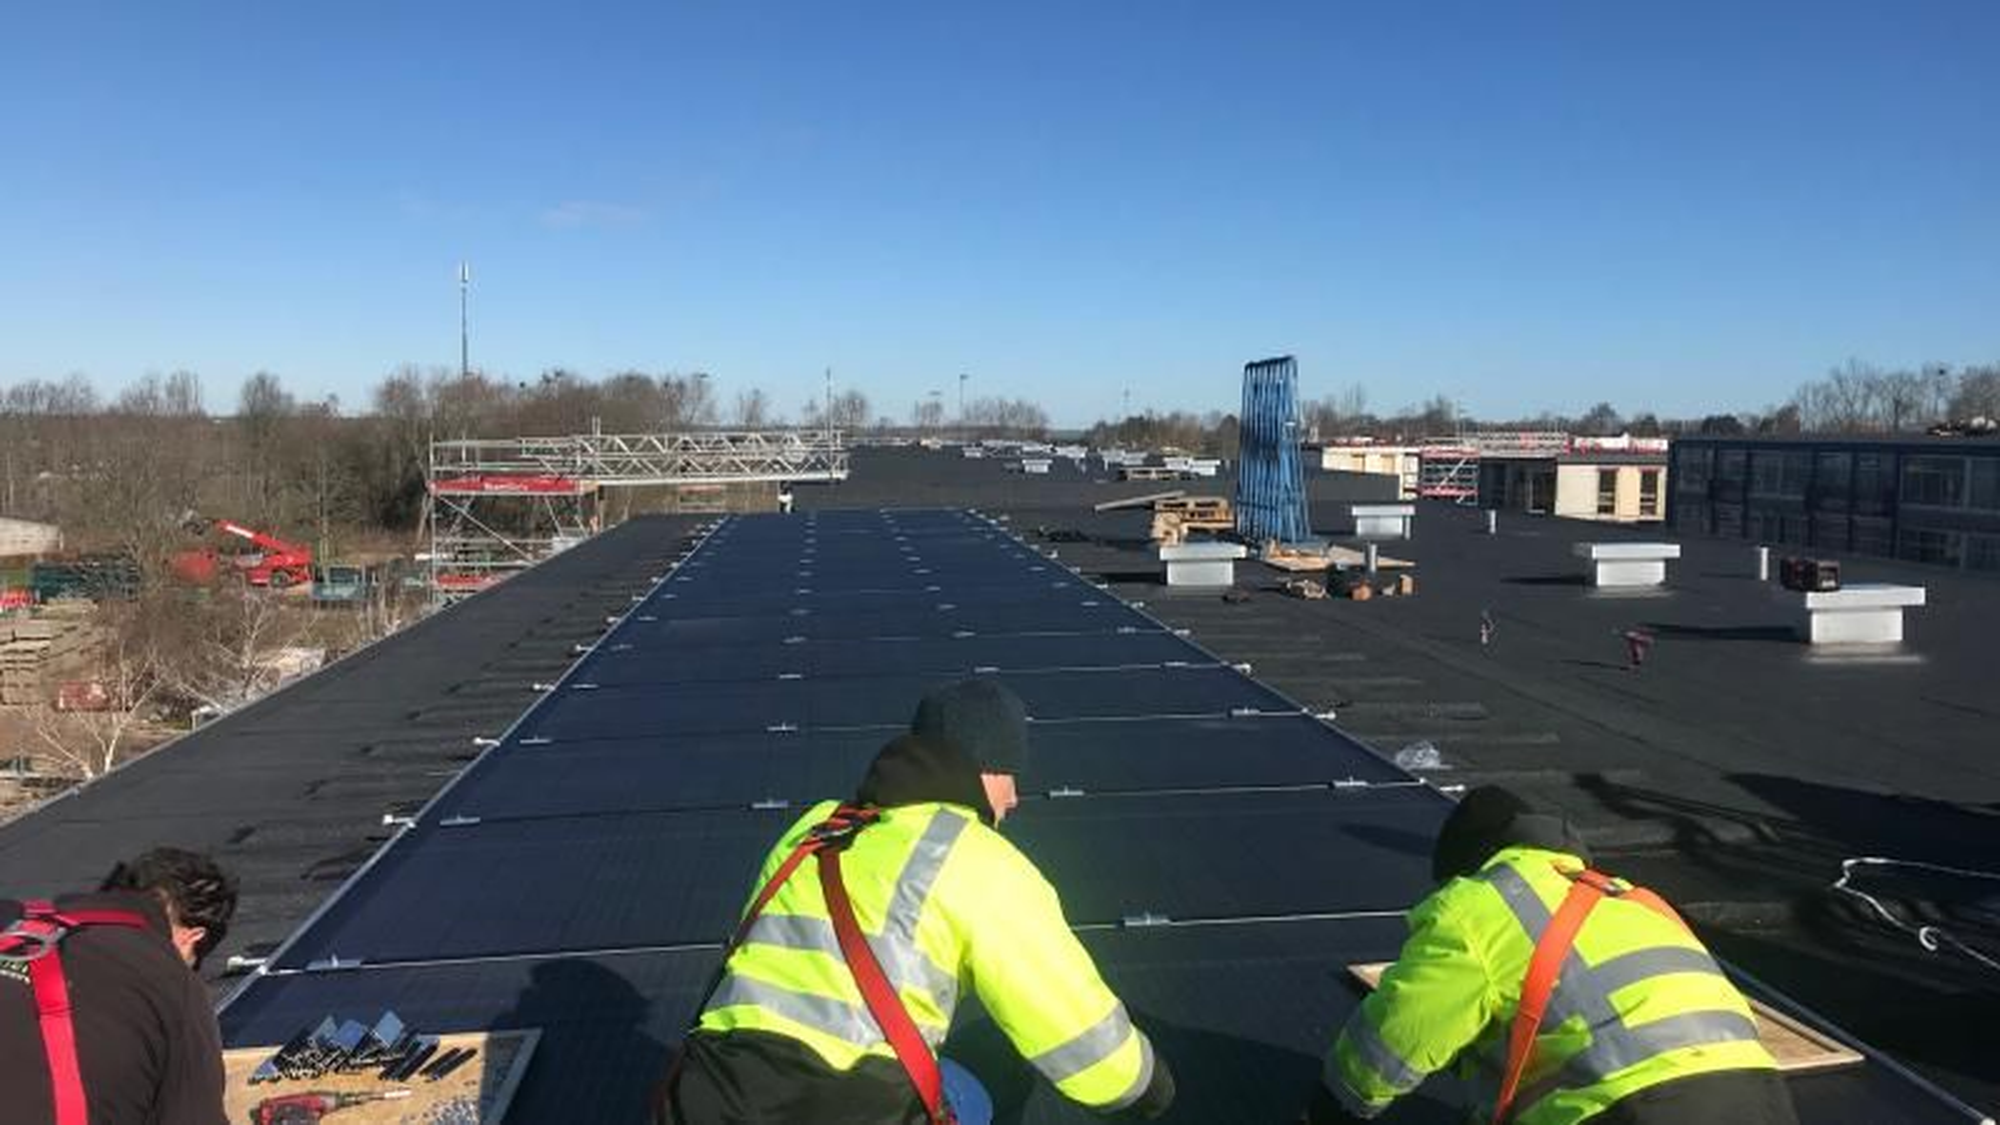 På taket av en boligblokk i Aarhus settes det opp solcellepaneler som er både solfangere og varmevekslere til varmepumpene i bygningen.